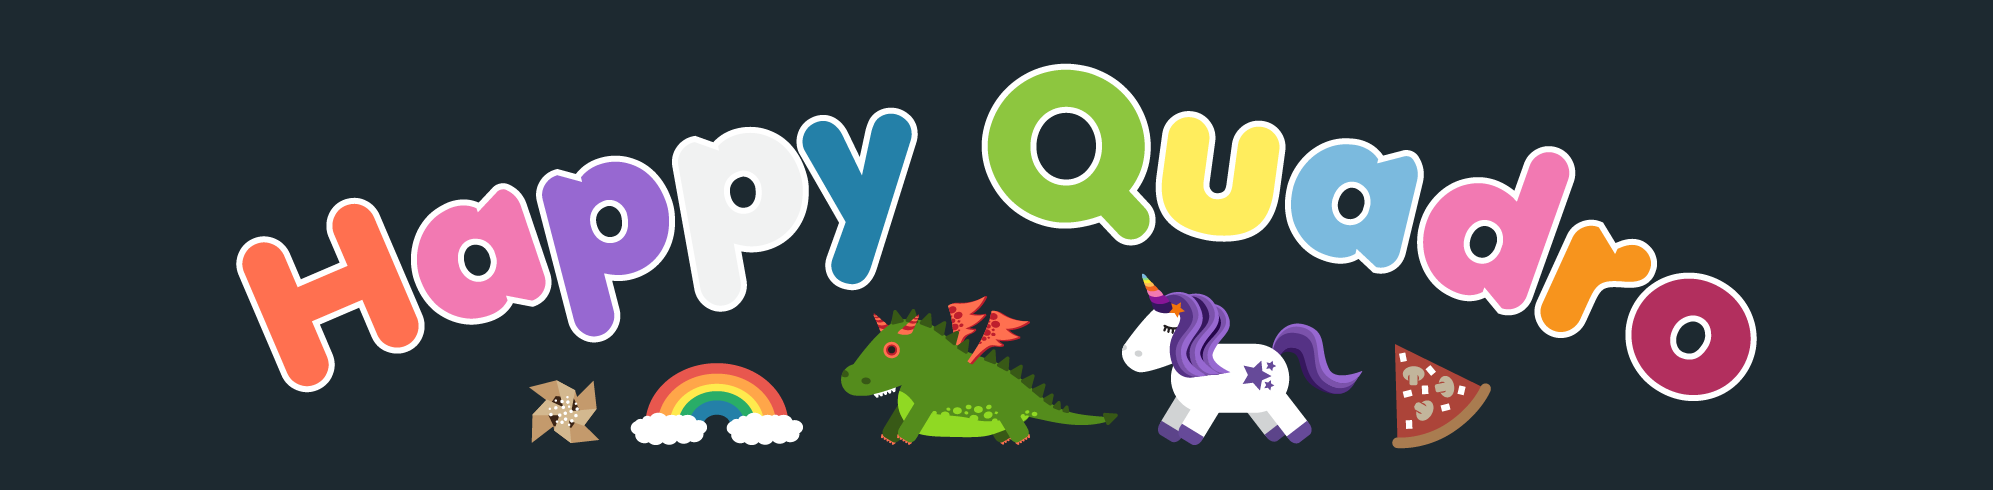 Happy Quadro